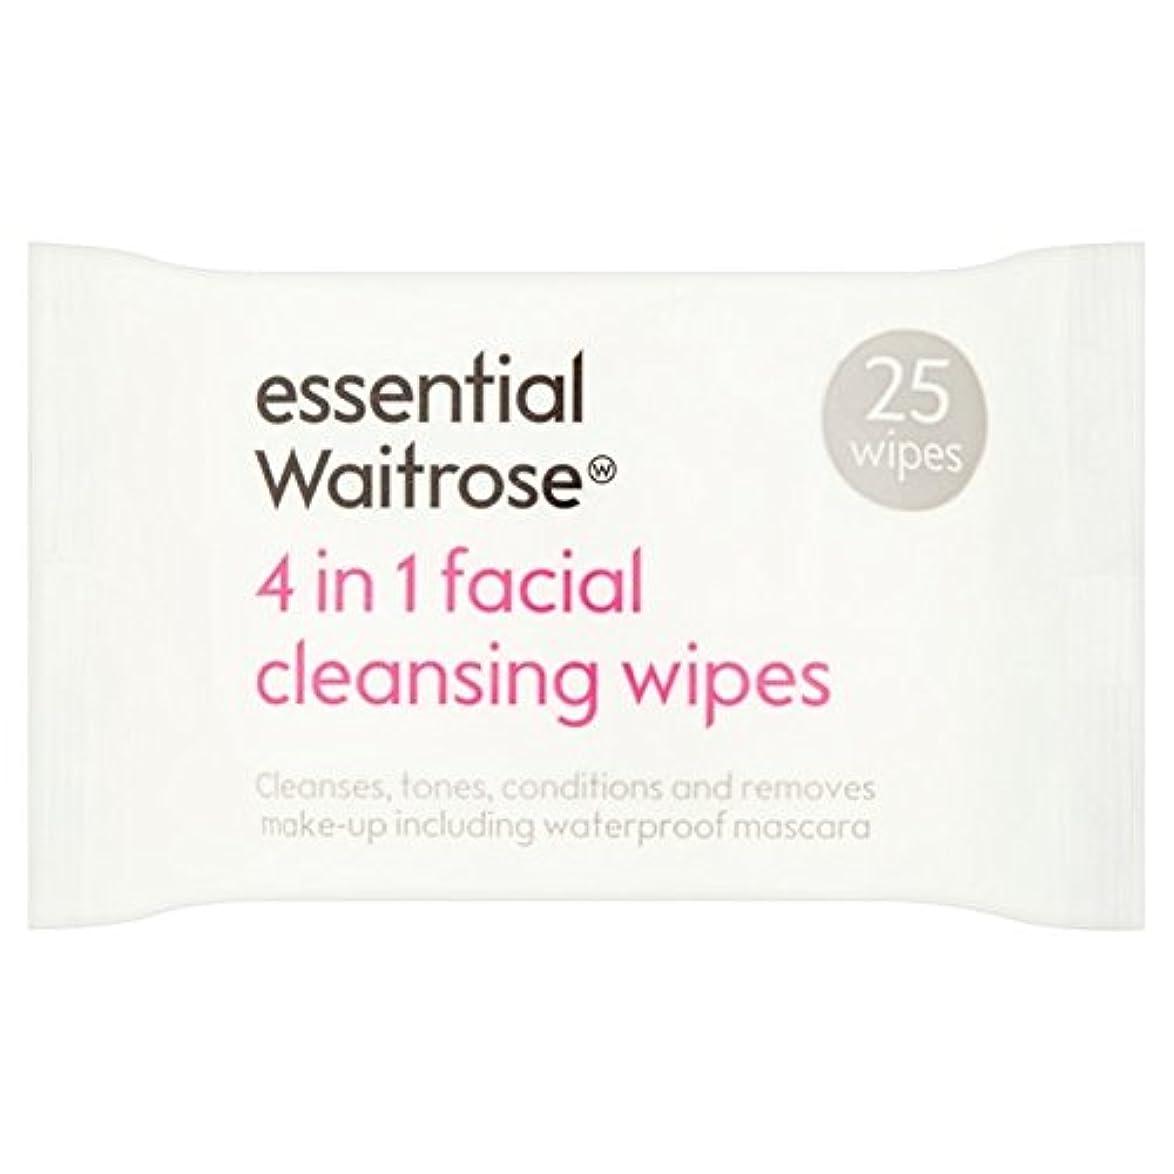 稼ぐ喜ぶ鼓舞する3 1での顔のワイプパックあたり不可欠ウェイトローズ25 x4 - 3 in 1 Facial Wipes essential Waitrose 25 per pack (Pack of 4) [並行輸入品]